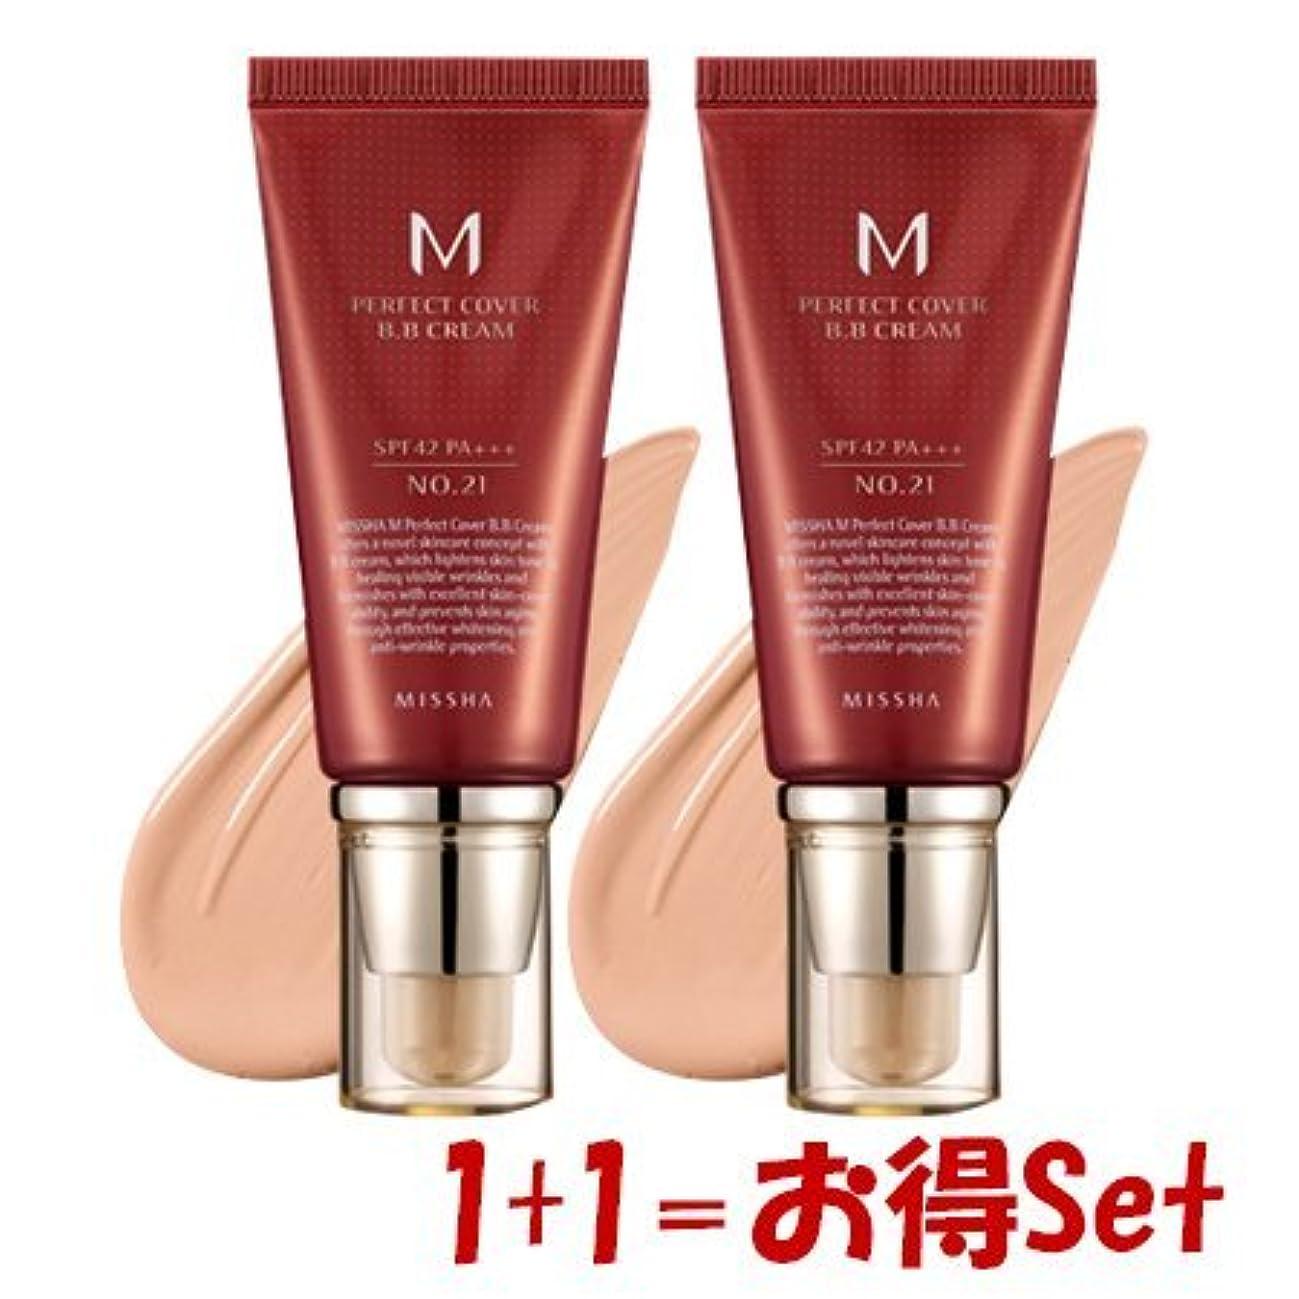 責め生き返らせるアデレードMISSHA(ミシャ) M Perfect Cover パーフェクトカバーBBクリーム 21号+ 21号(1+1=お得Set)